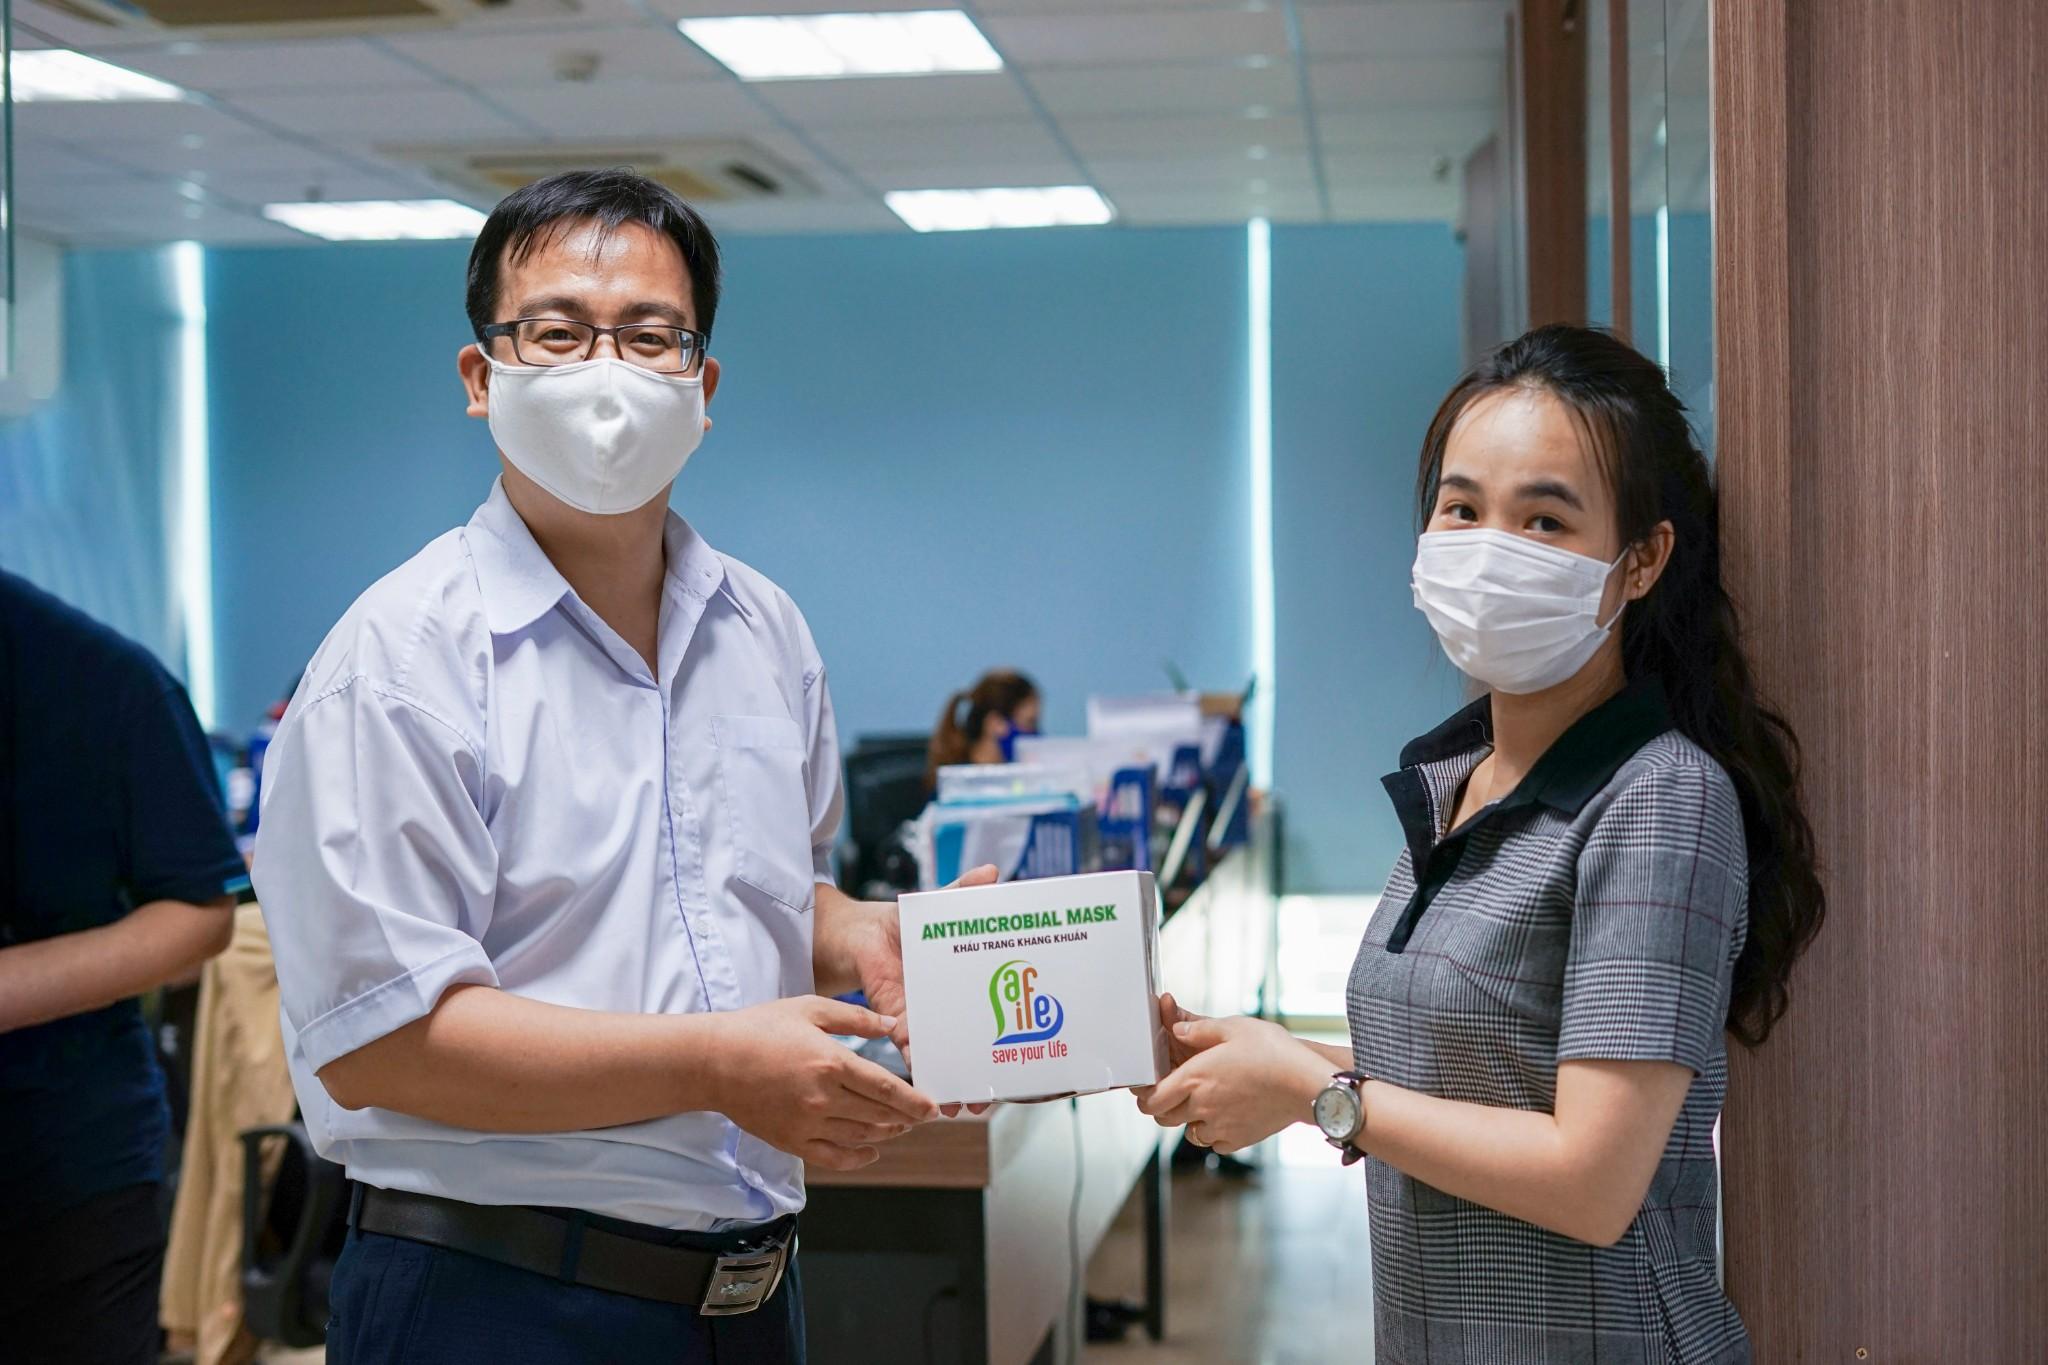 Phát khẩu trang vải miễn phí cho cán bộ công nhân viên QH Plus Corporation